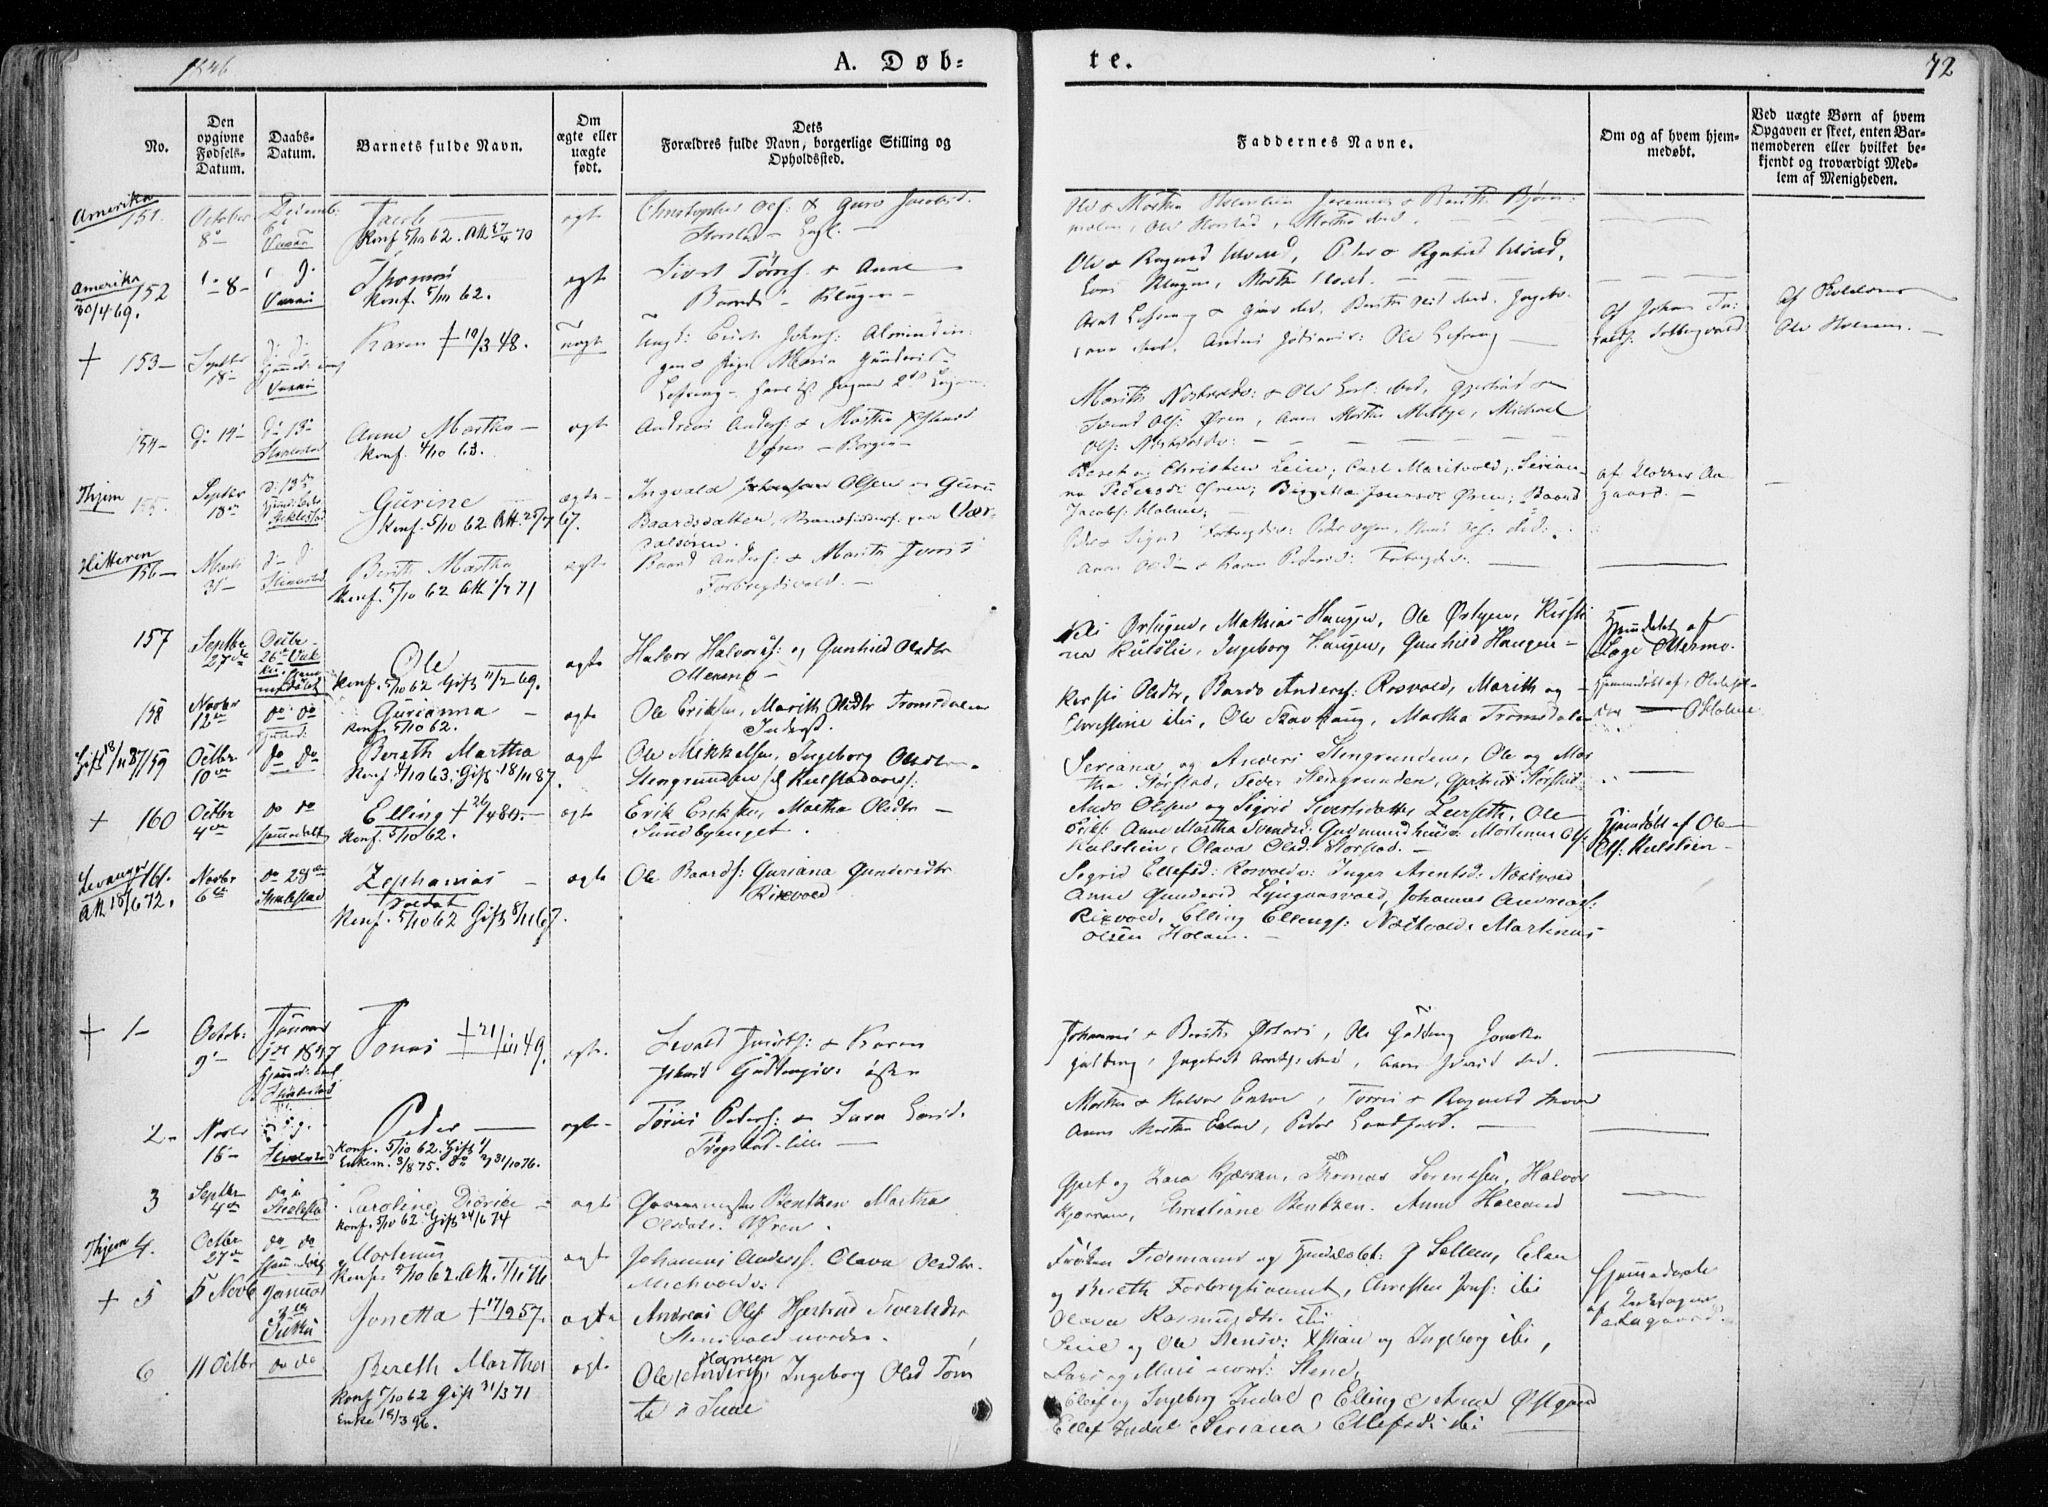 SAT, Ministerialprotokoller, klokkerbøker og fødselsregistre - Nord-Trøndelag, 723/L0239: Ministerialbok nr. 723A08, 1841-1851, s. 72